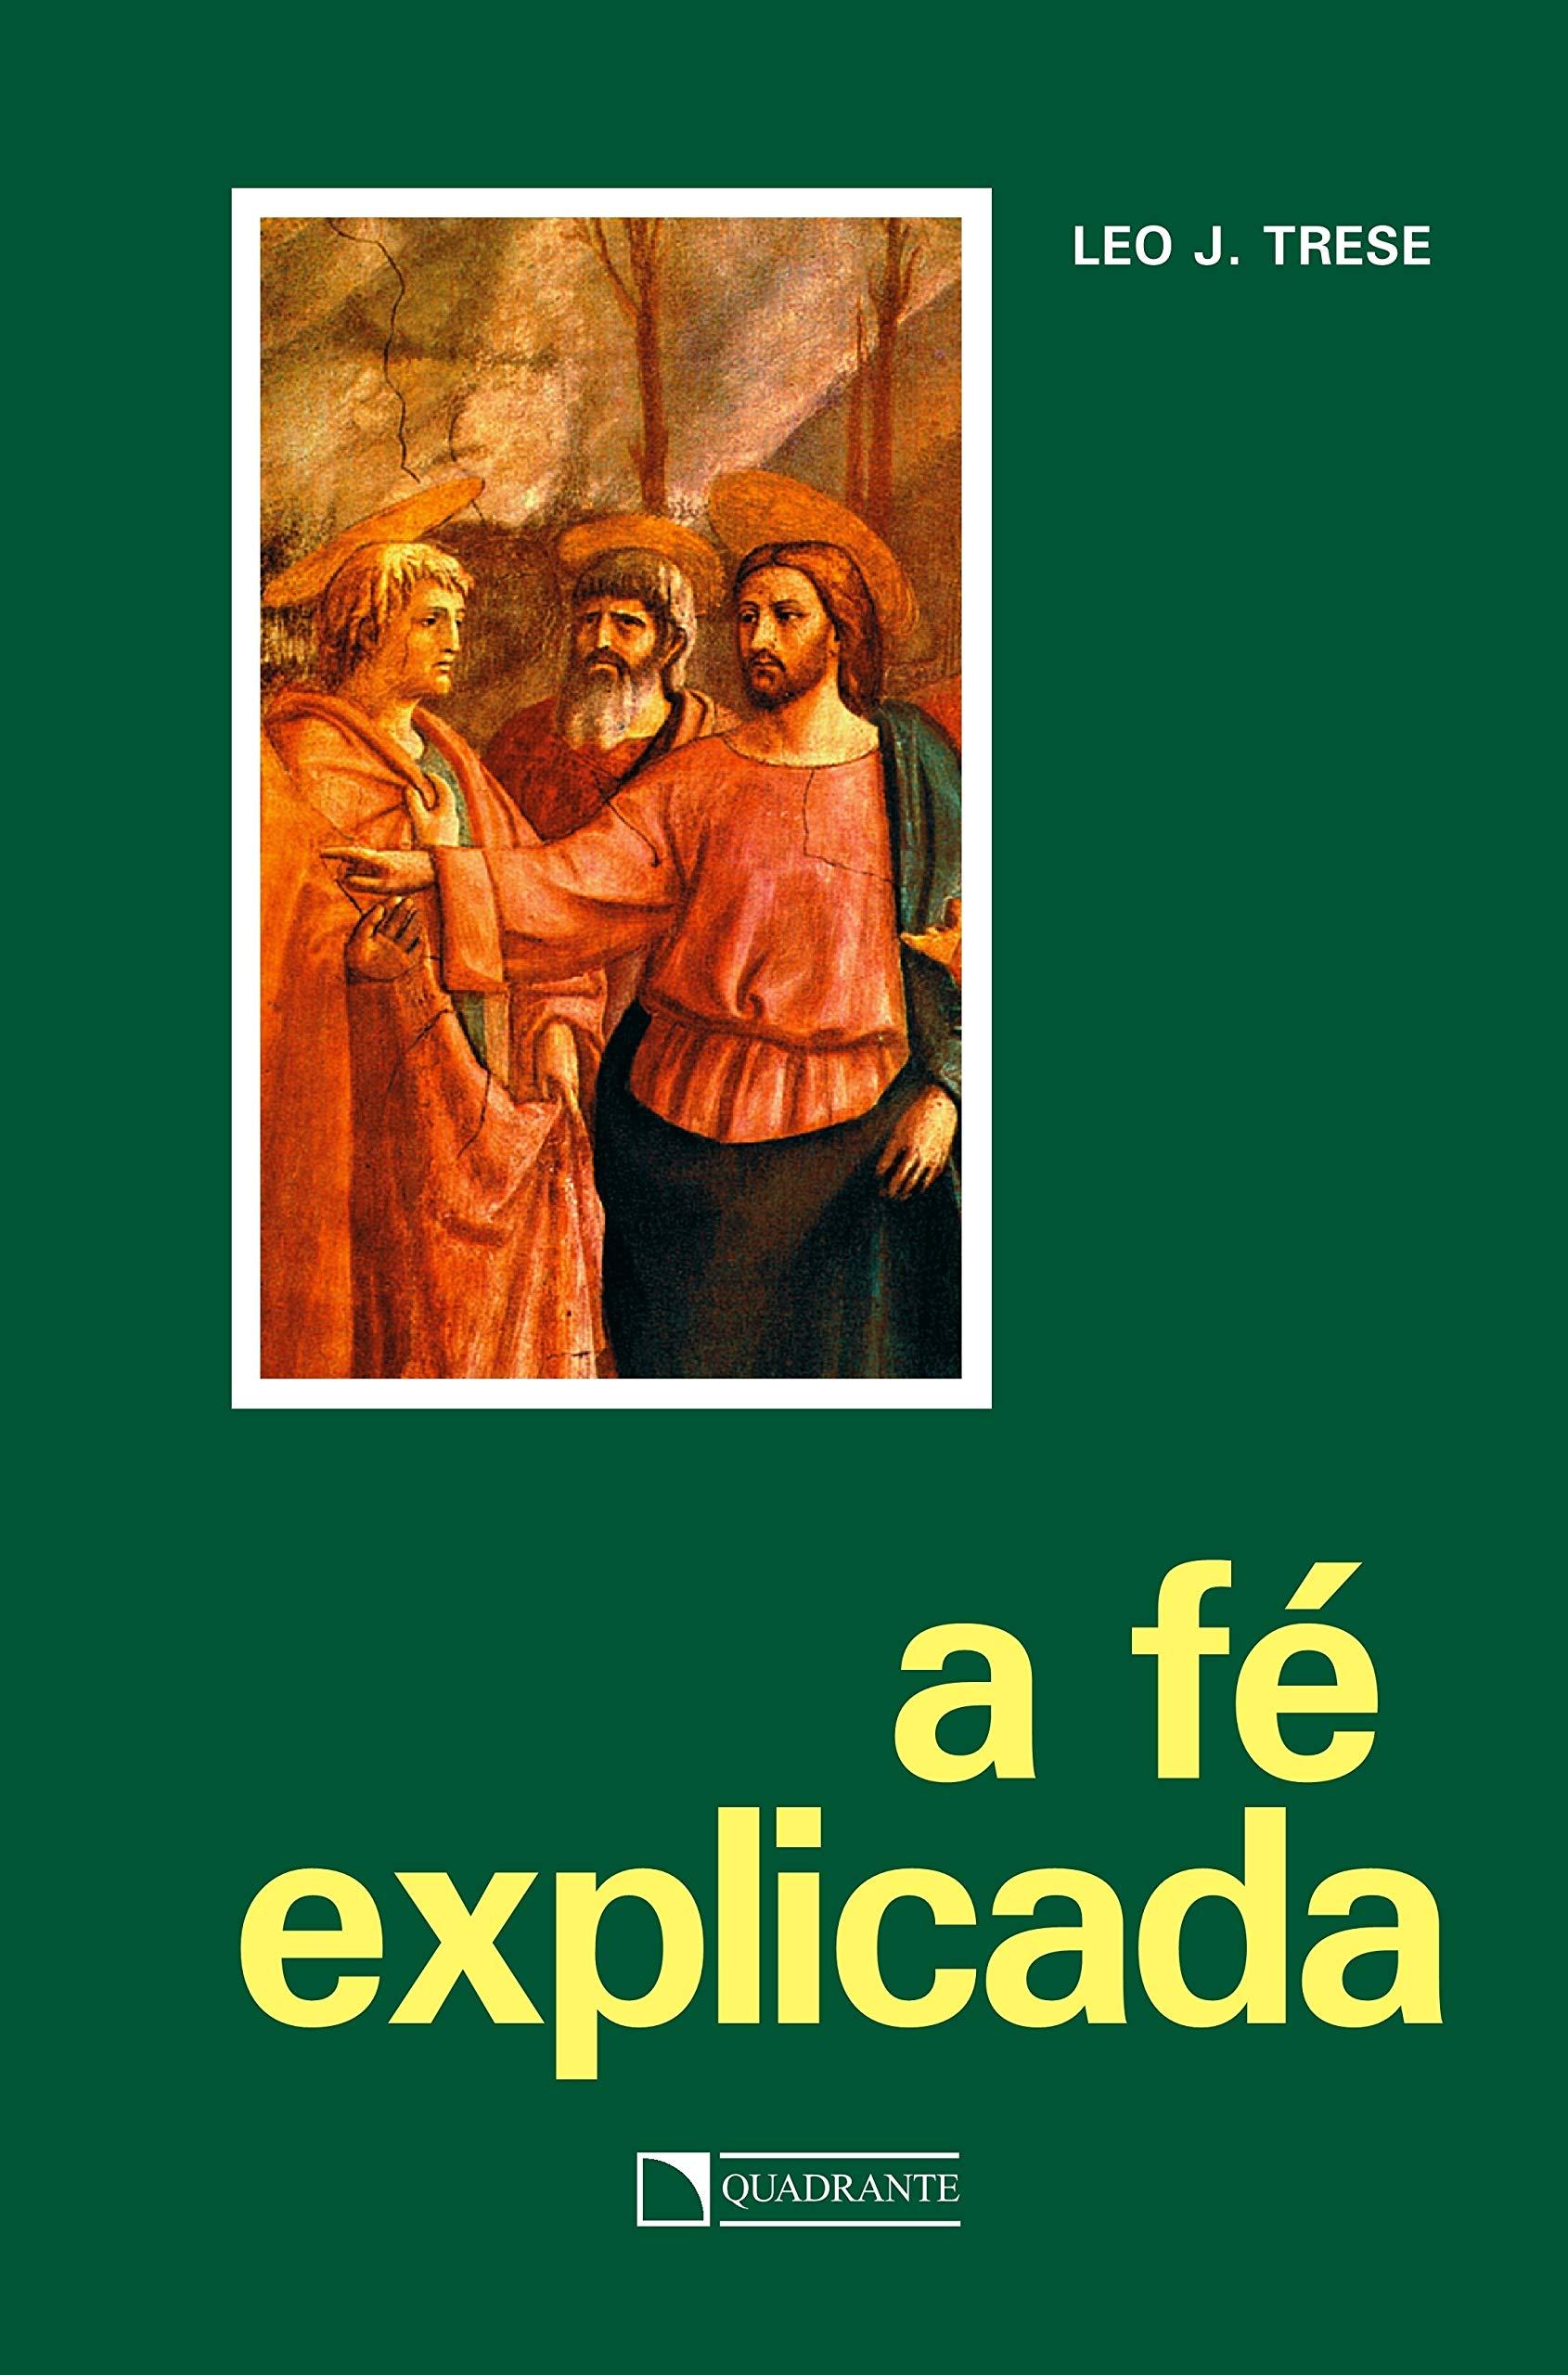 livro-a-fe-explicada-pe-leo-j-trese